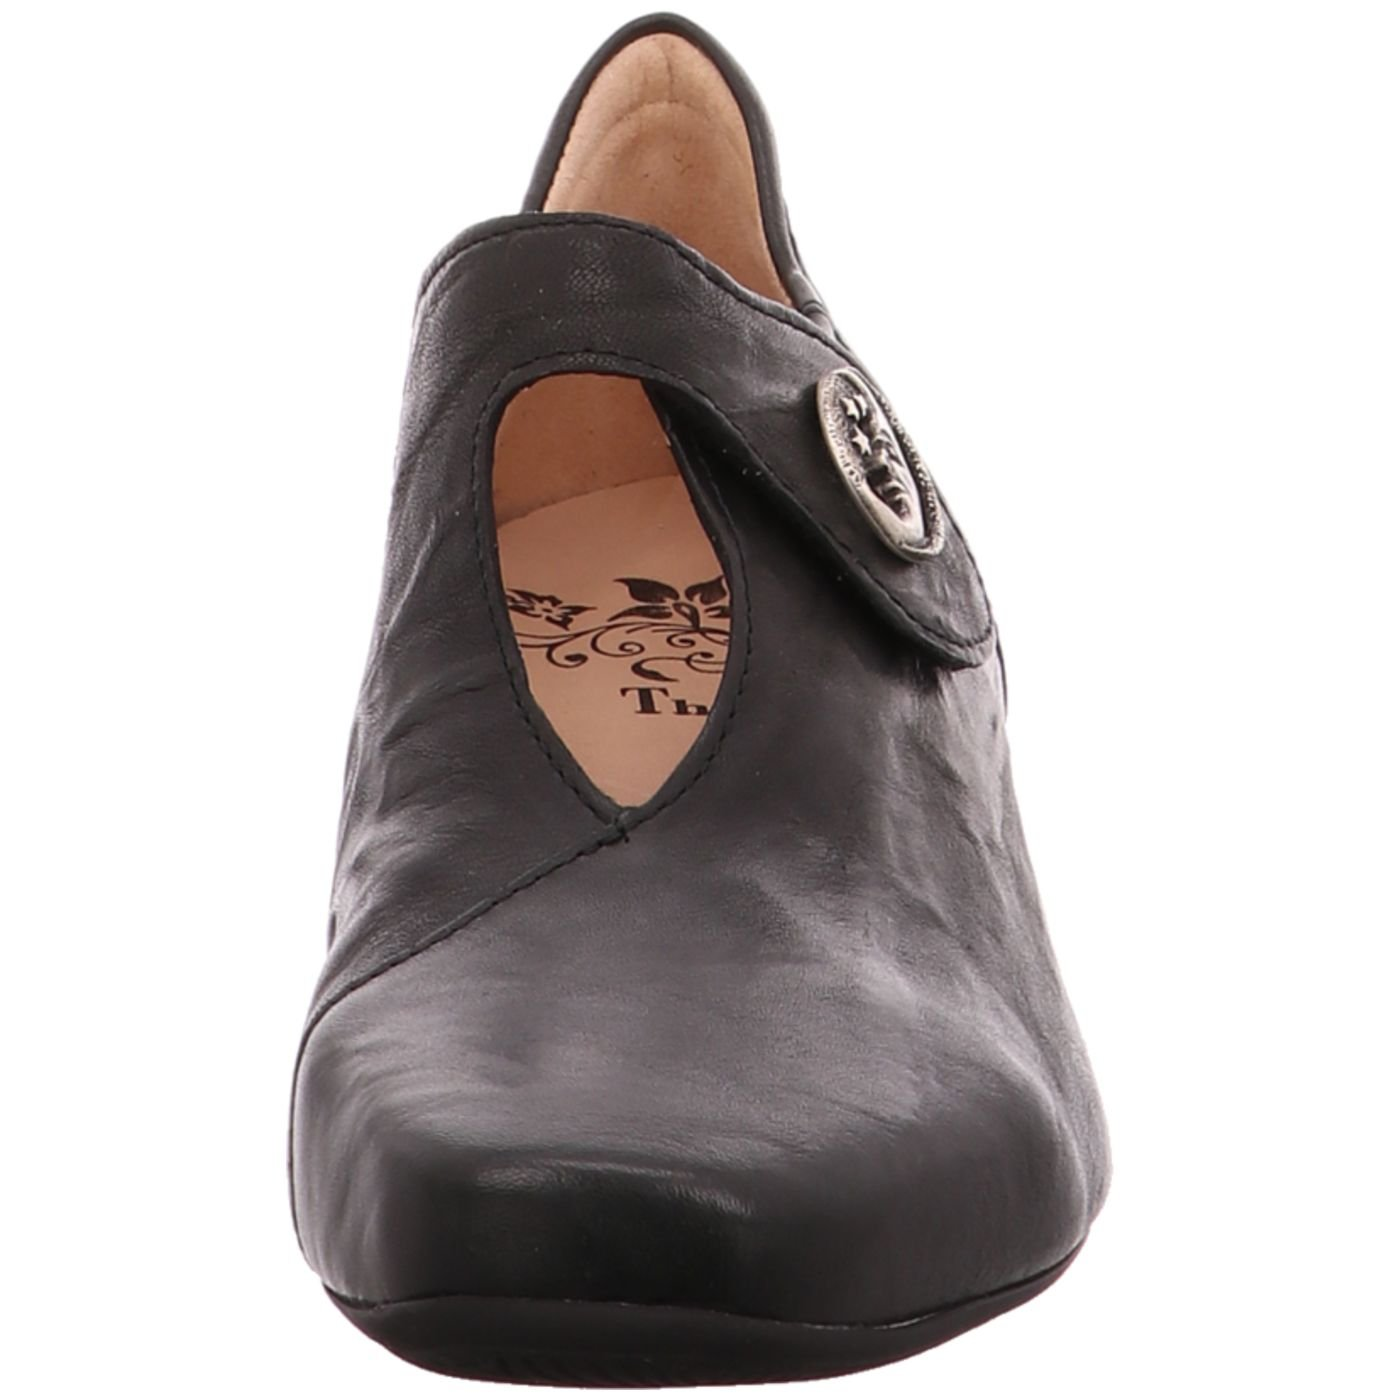 Think Think Think 1-81182-00 - Zapatos de vestir para mujer 881109